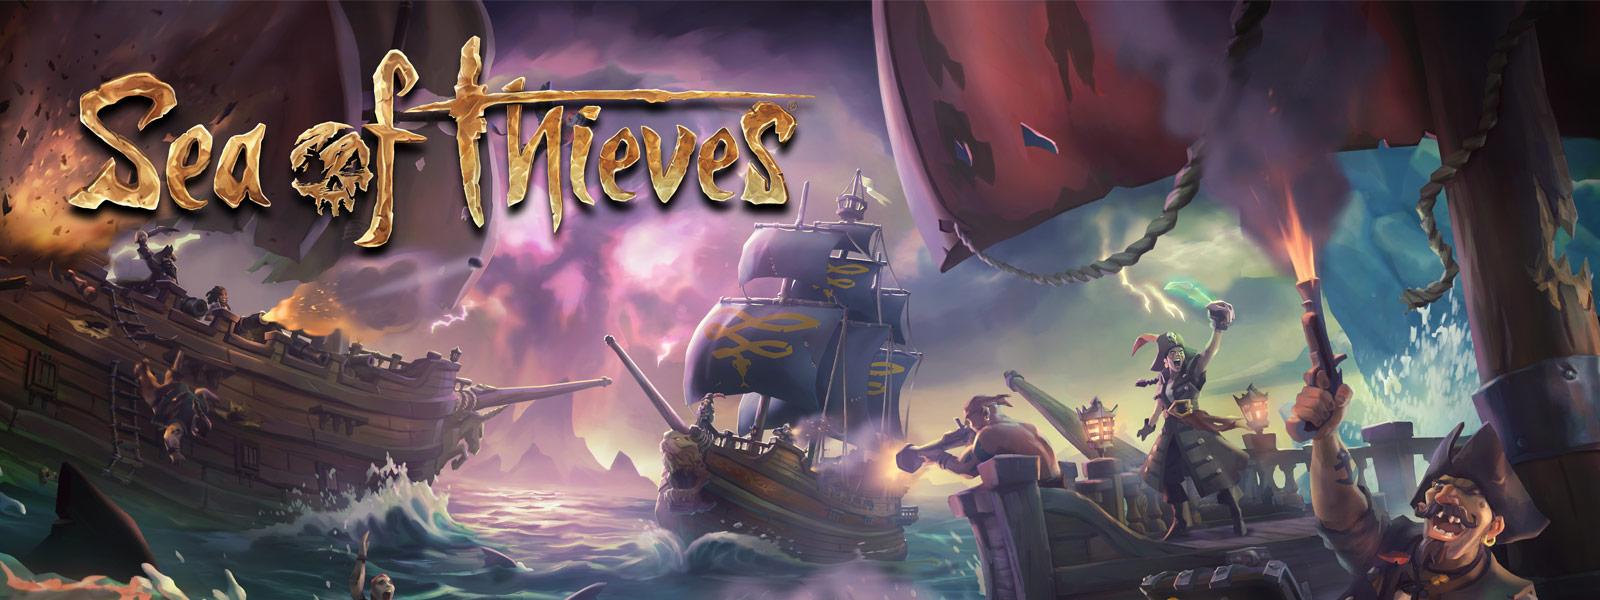 Sea of Thieves - Bataille navale dans l'océan alors que l'un des bateaux fait feu sur un autre